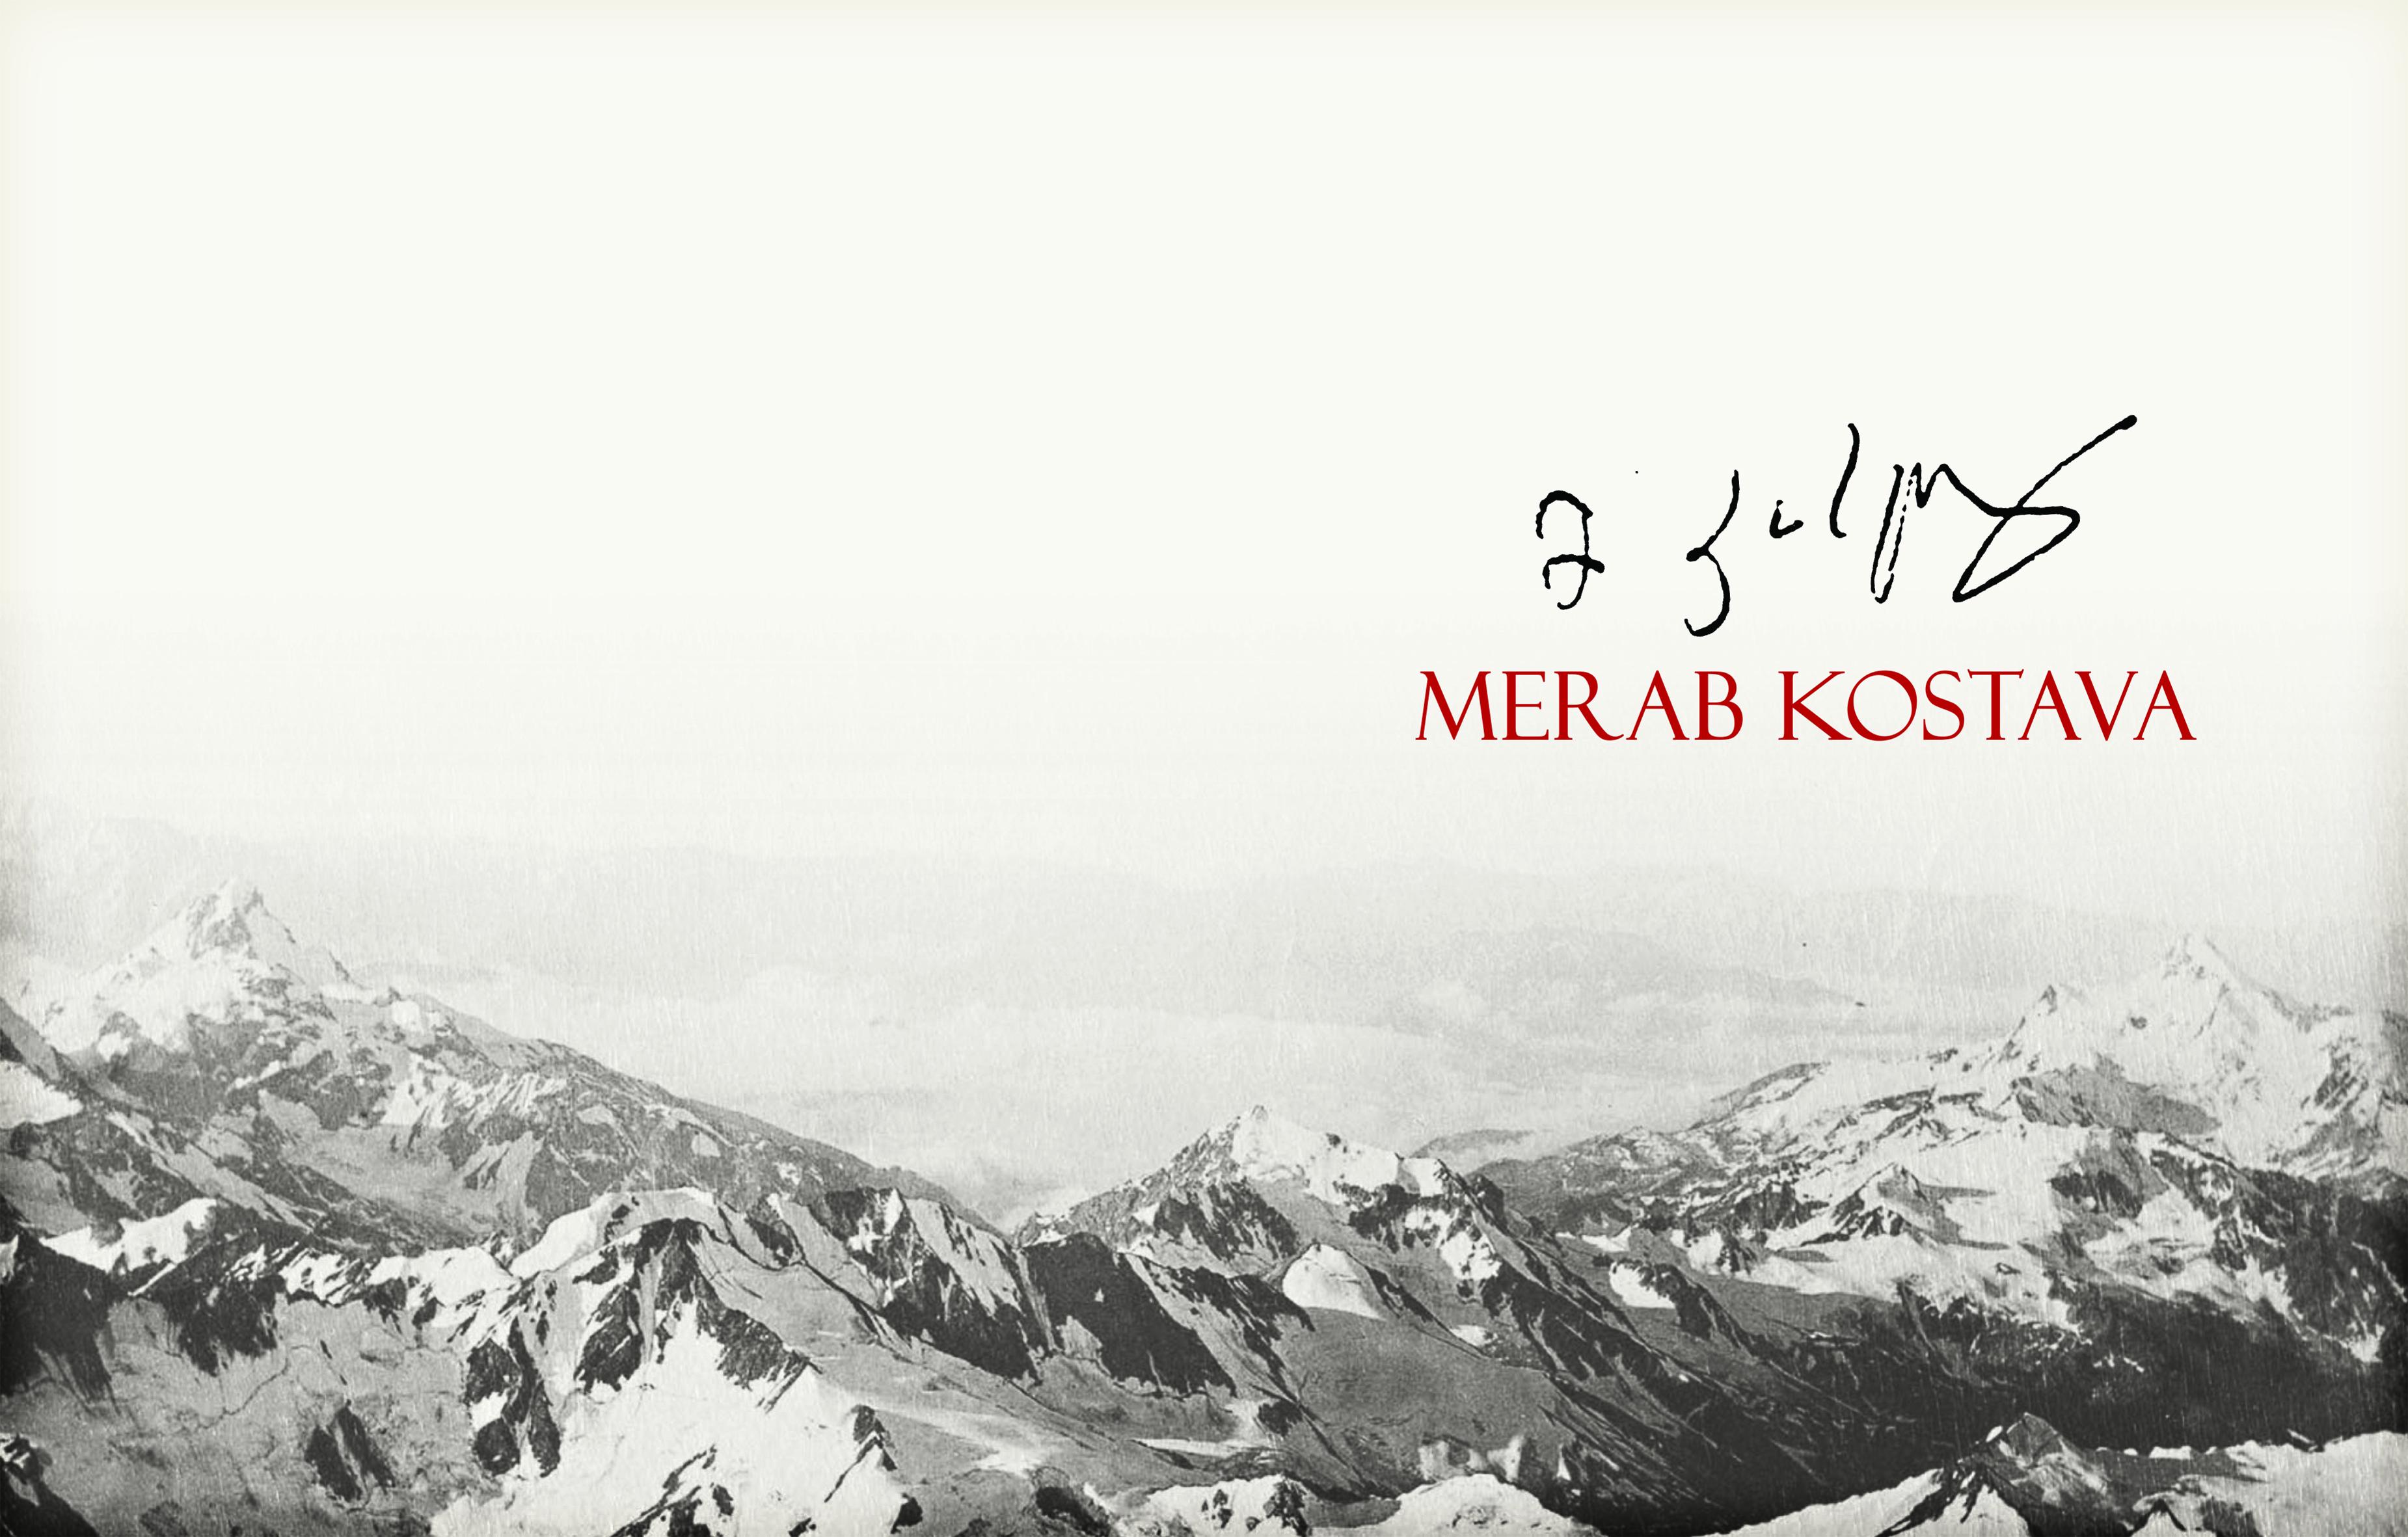 """01 1 - """"მერაბ კოსტავას ცხოვრება და მოღვაწეობა"""" - კვლევითი პუბლიკაციის პრეზენტაცია"""